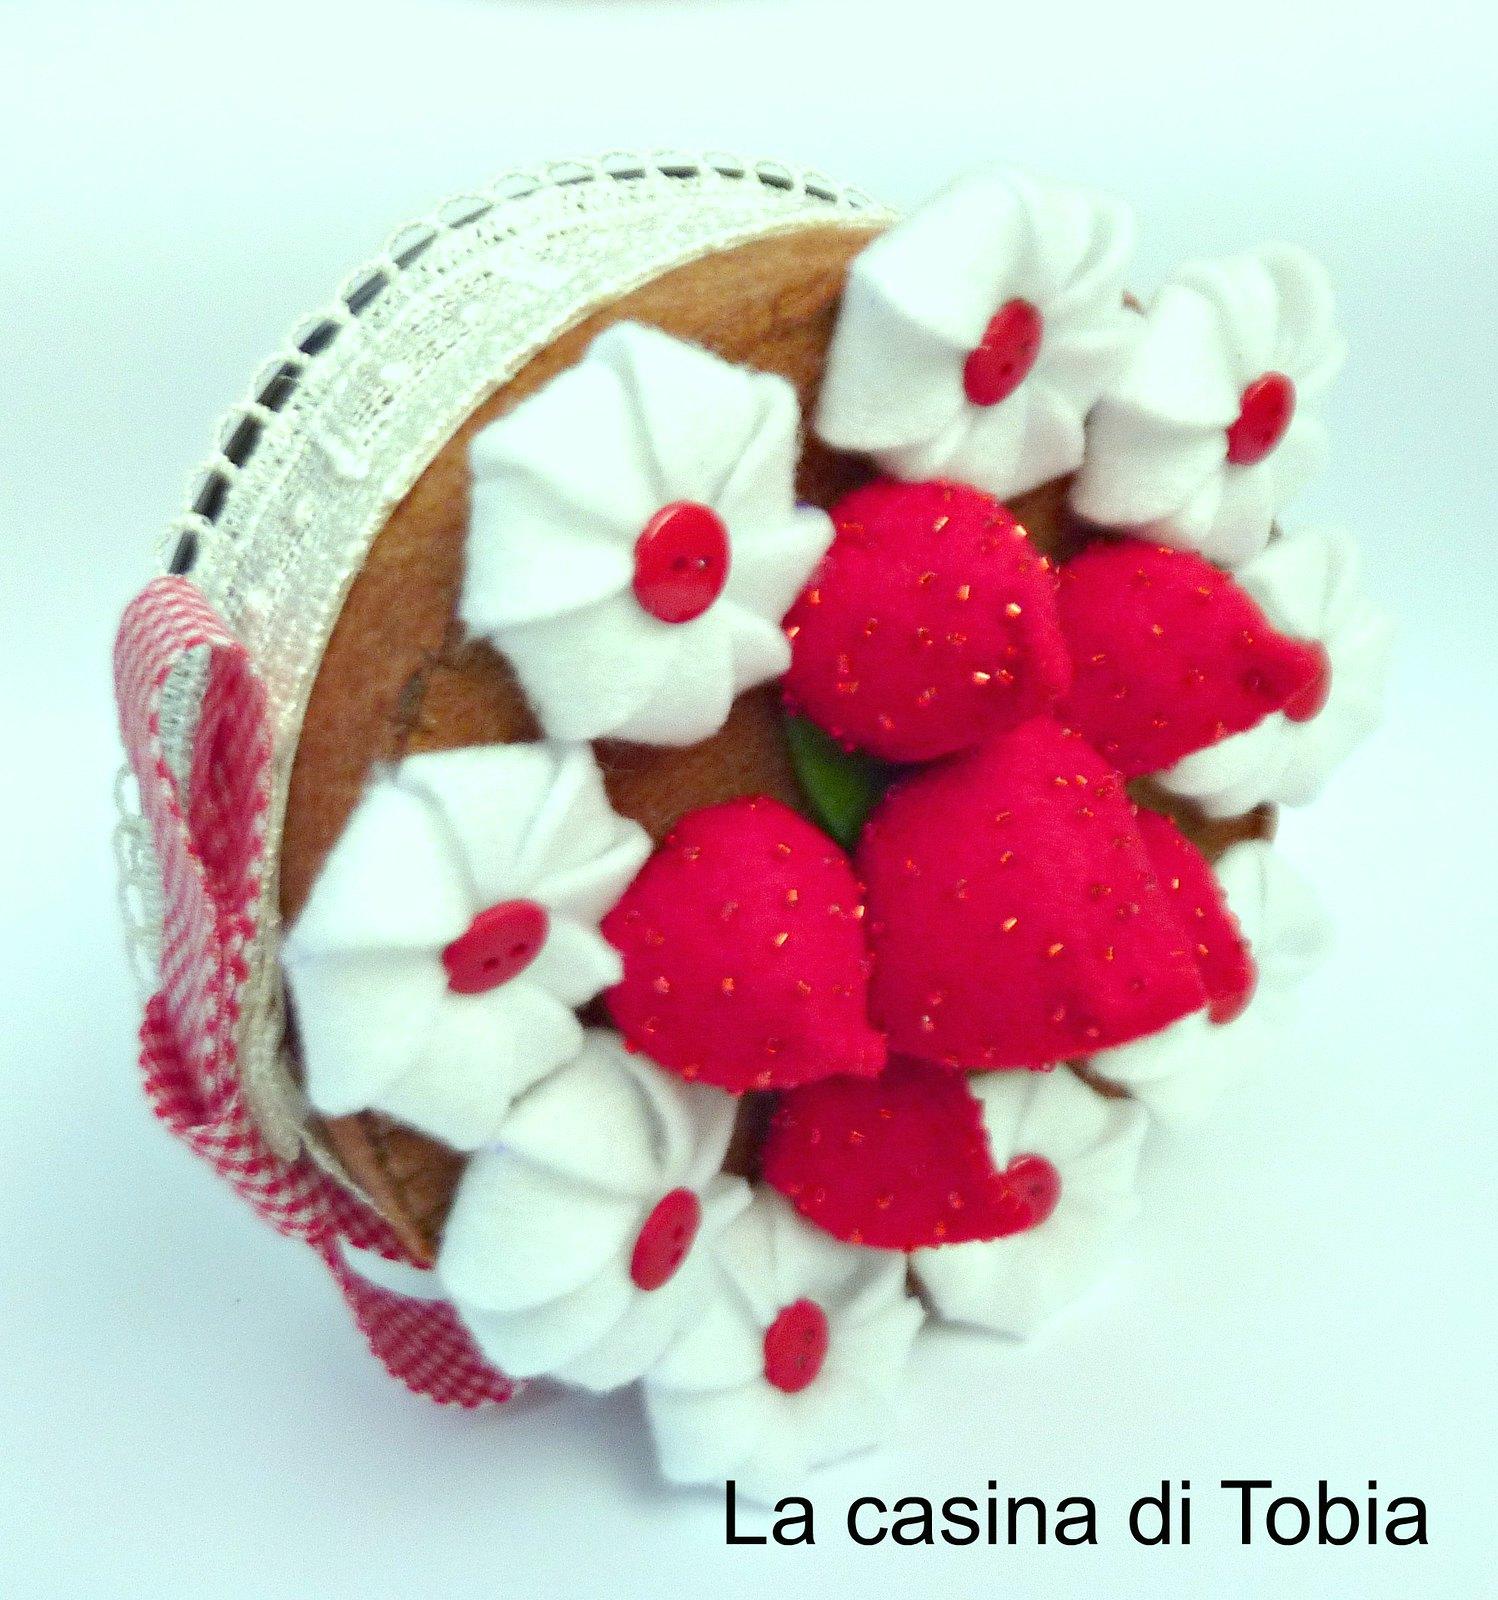 torta di feltro con fragole e meringhe fatte a mano da La casina di Tobia